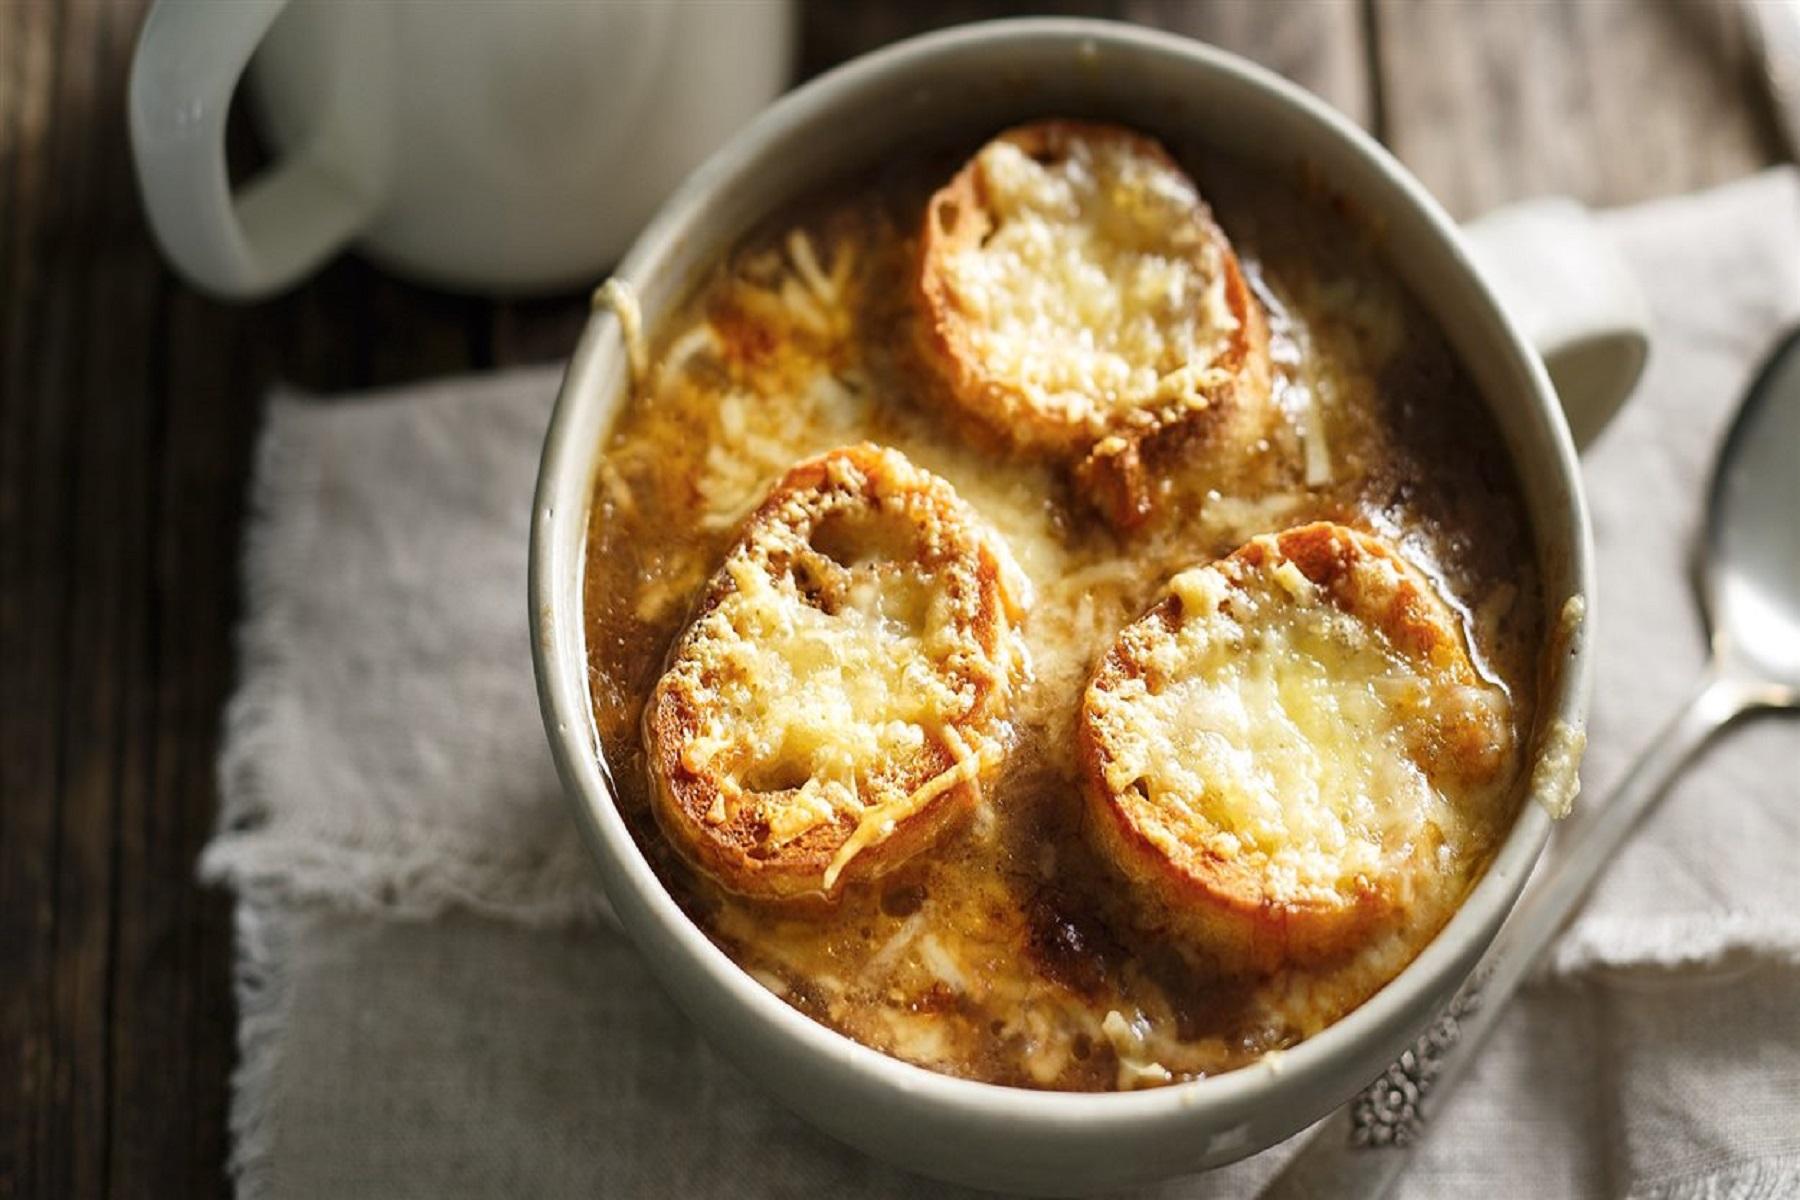 Γαλλική Κρεμμυδόσουπα: Συνταγή για μια ιδιαίτερη χειμωνιάτικη σούπα